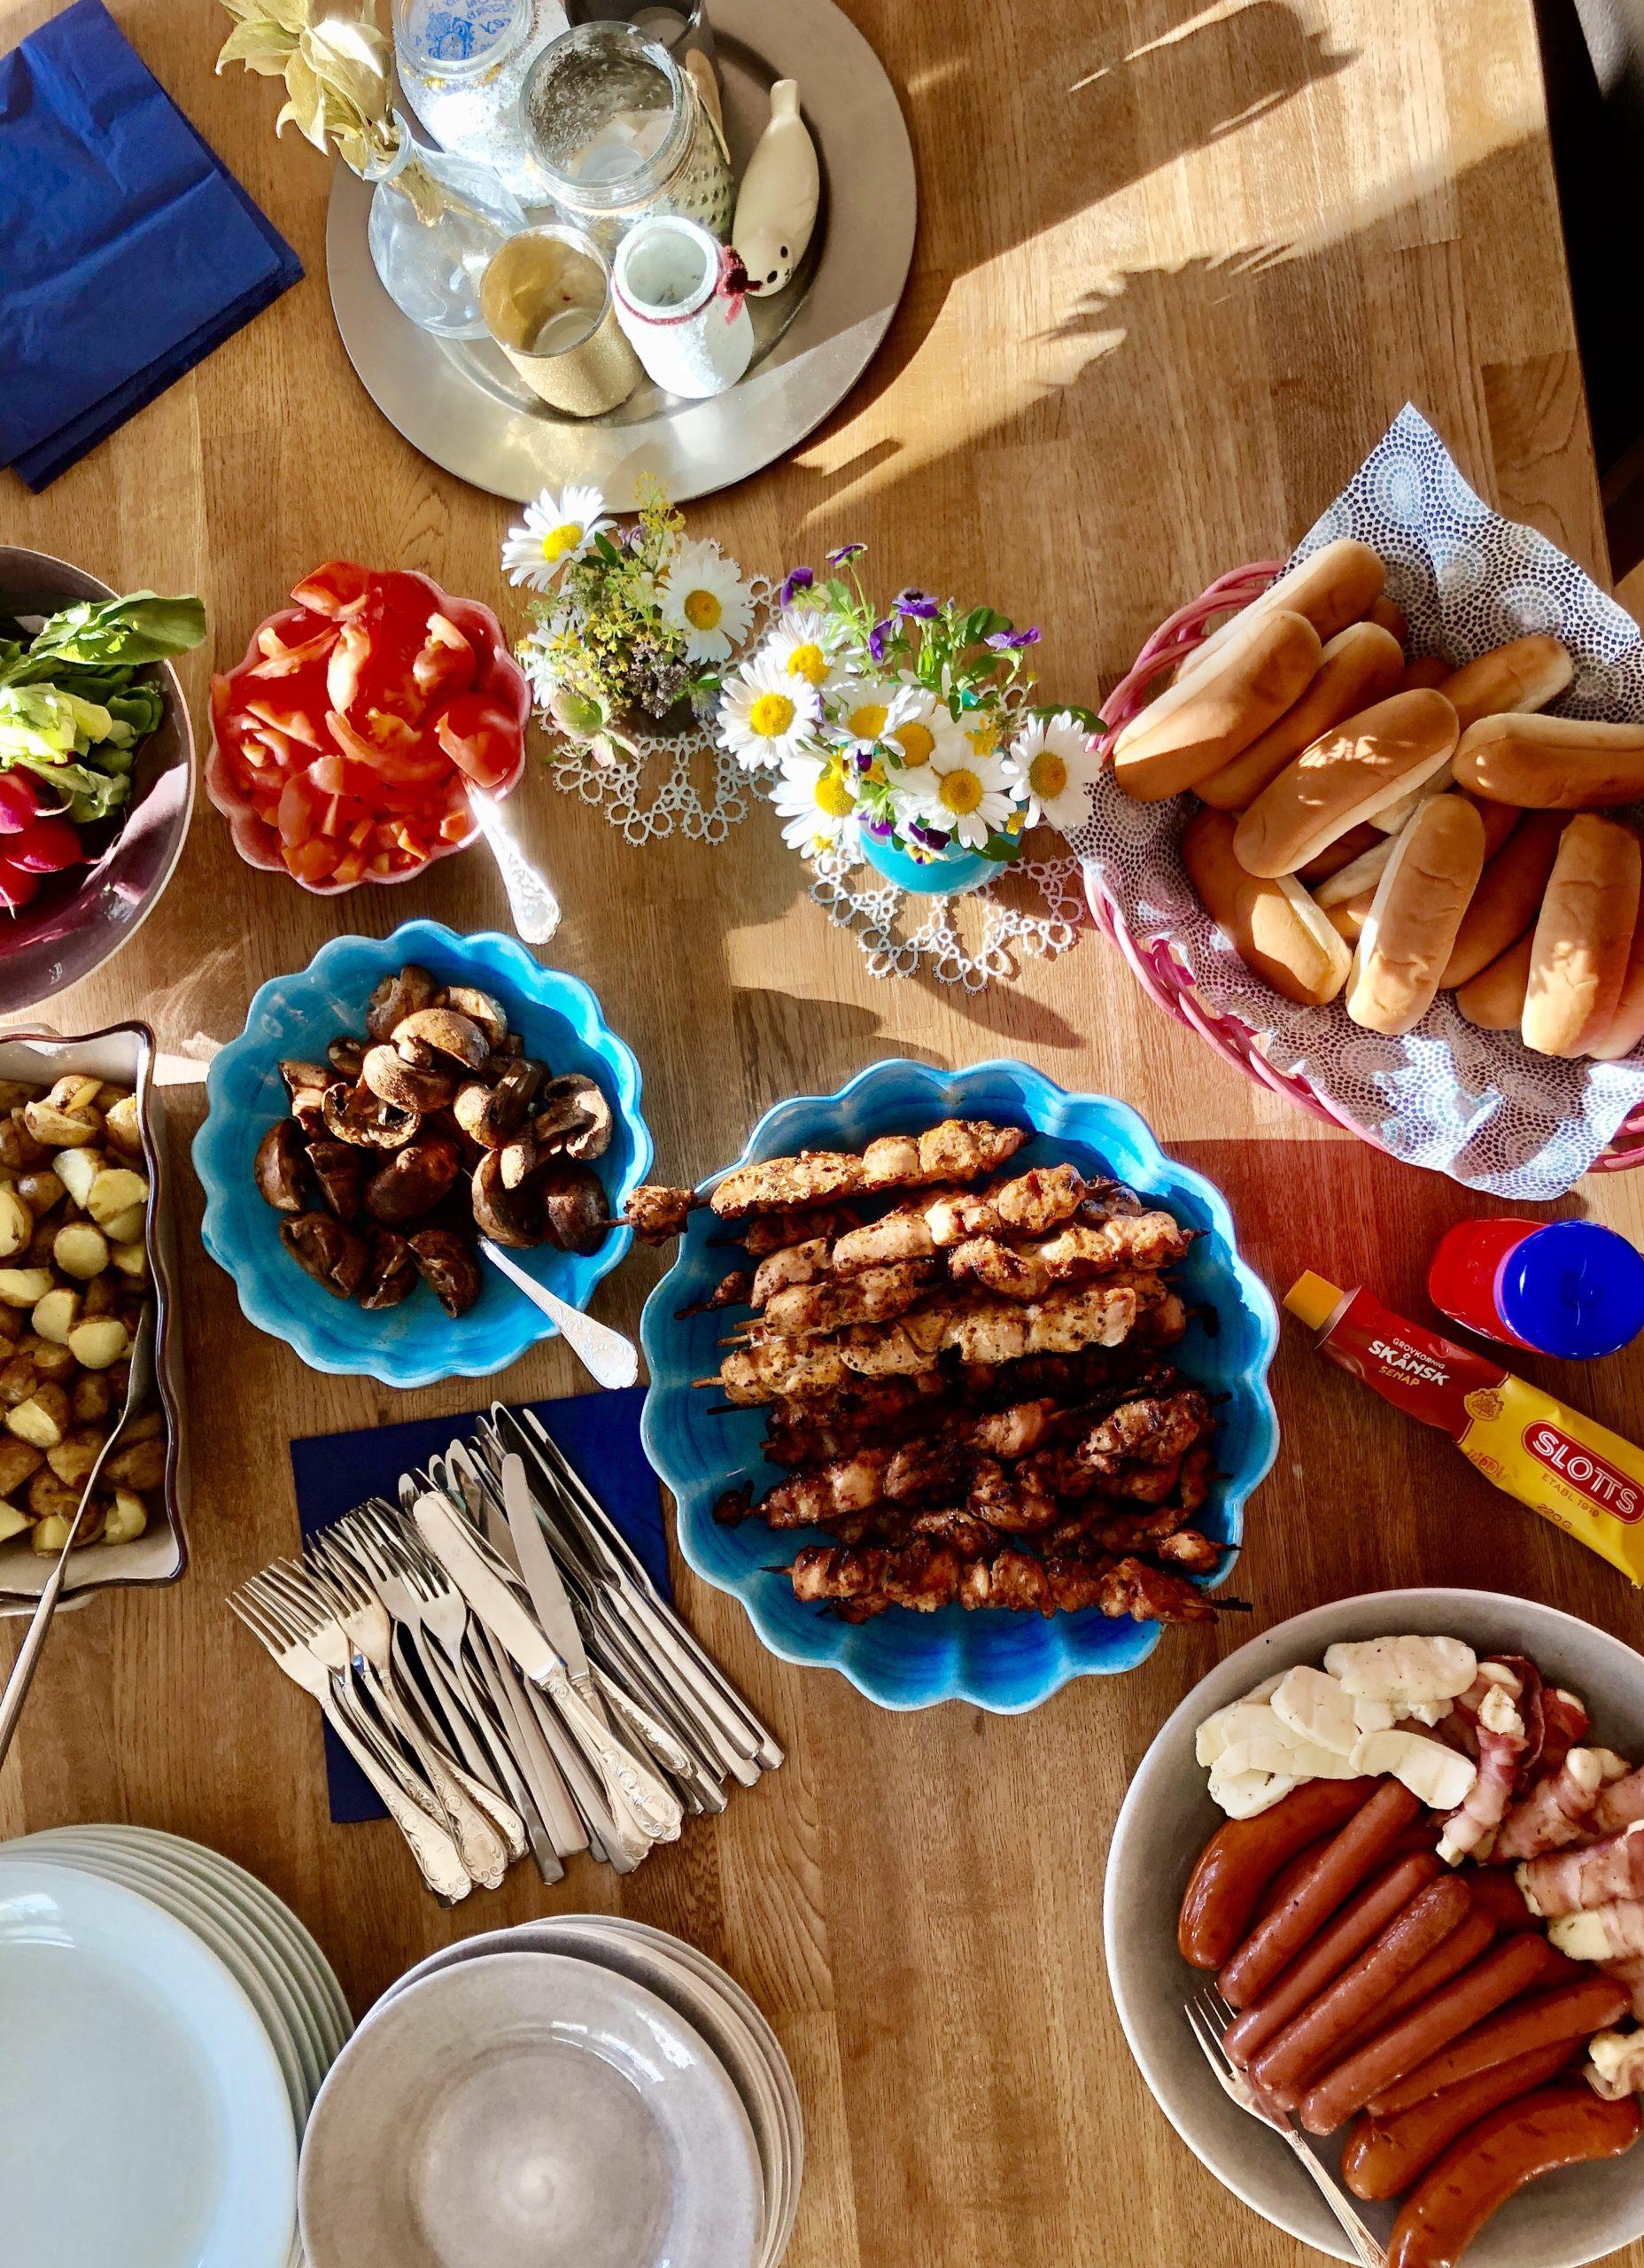 Grillmiddag på midsommar